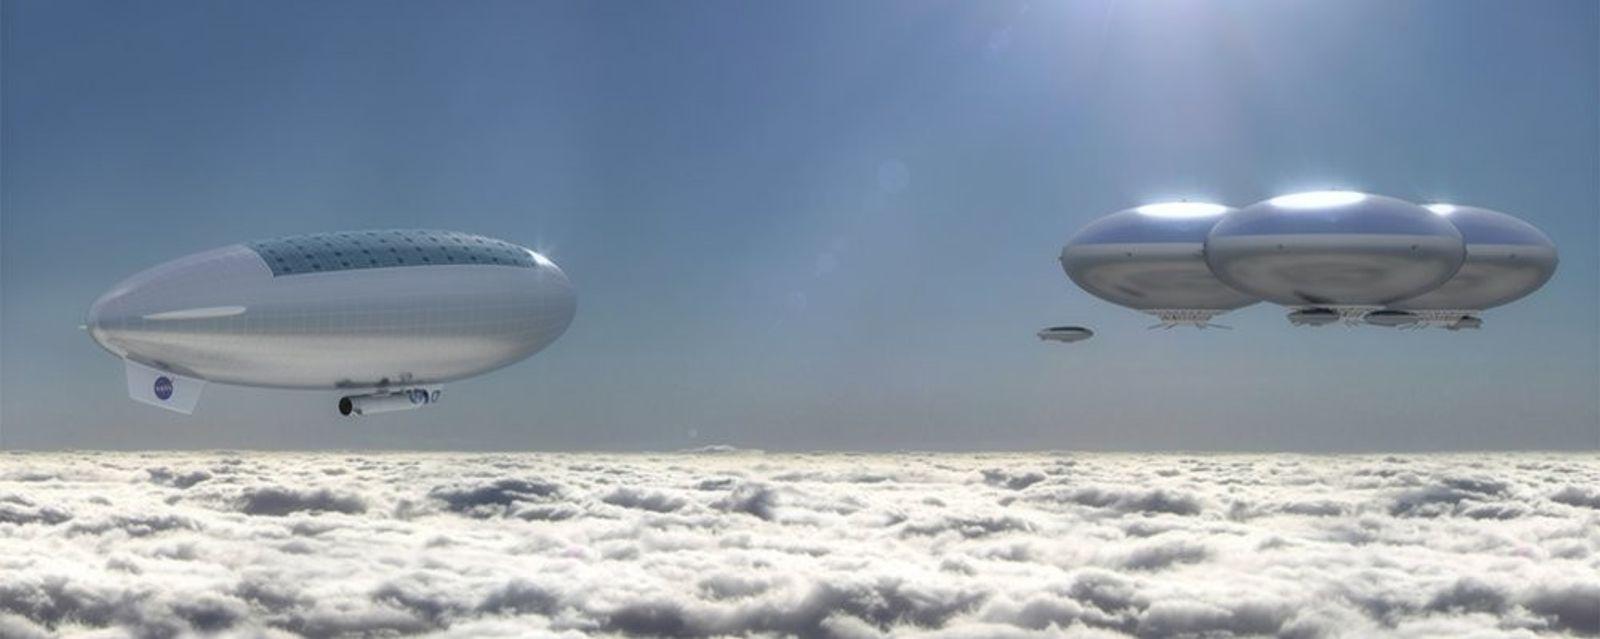 La NASA envisage d'explorer Vénus à bord de dirigeables